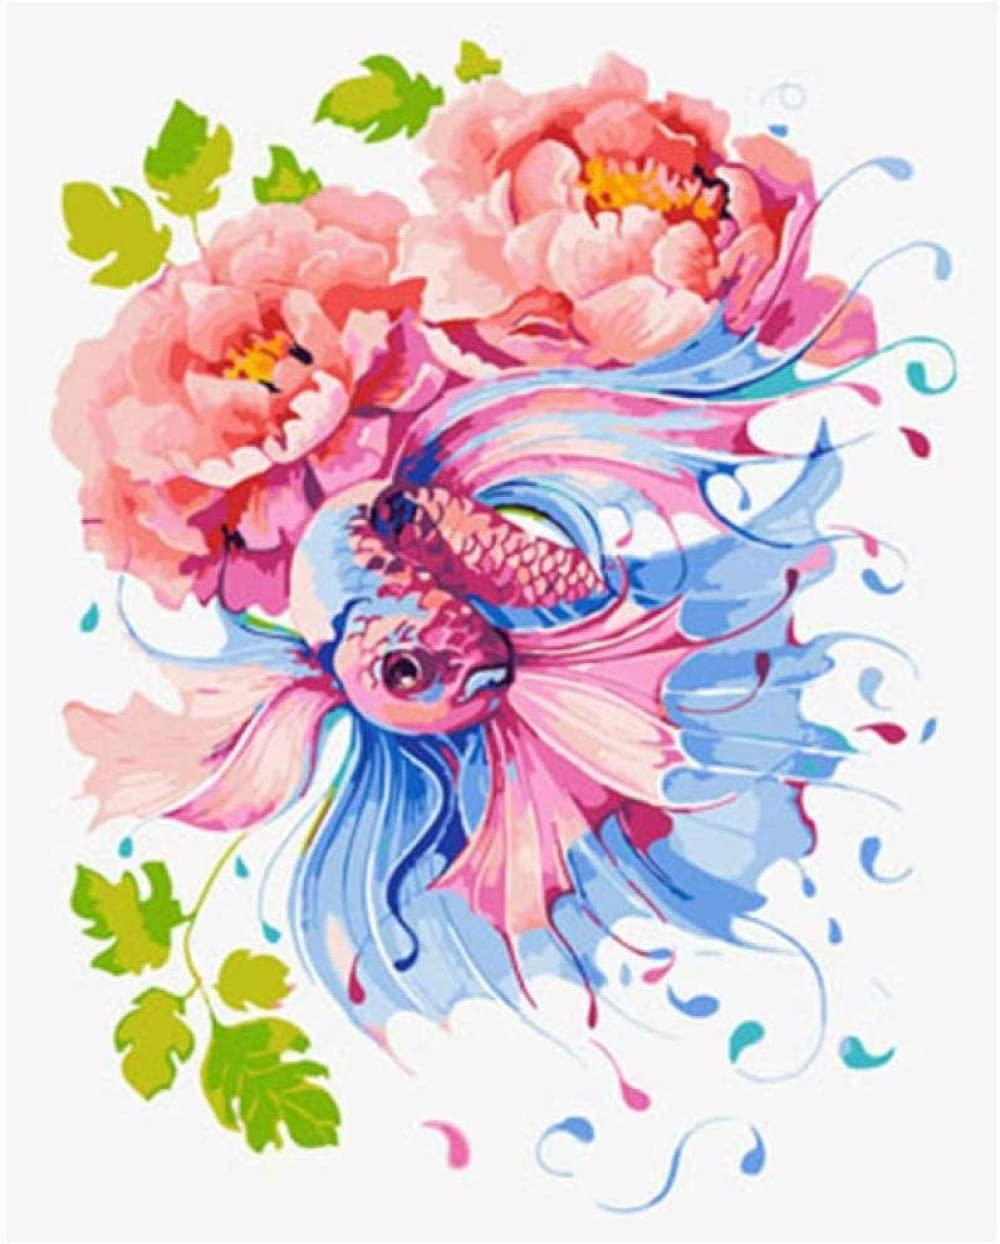 DIY Pintura al óleo Cuadro de flores abstractas Digital Diy Pintura Diy Pintura al óleo Lienzo Arte de la pared Sin marco 40X50Cm Pintura al óleo por número kit